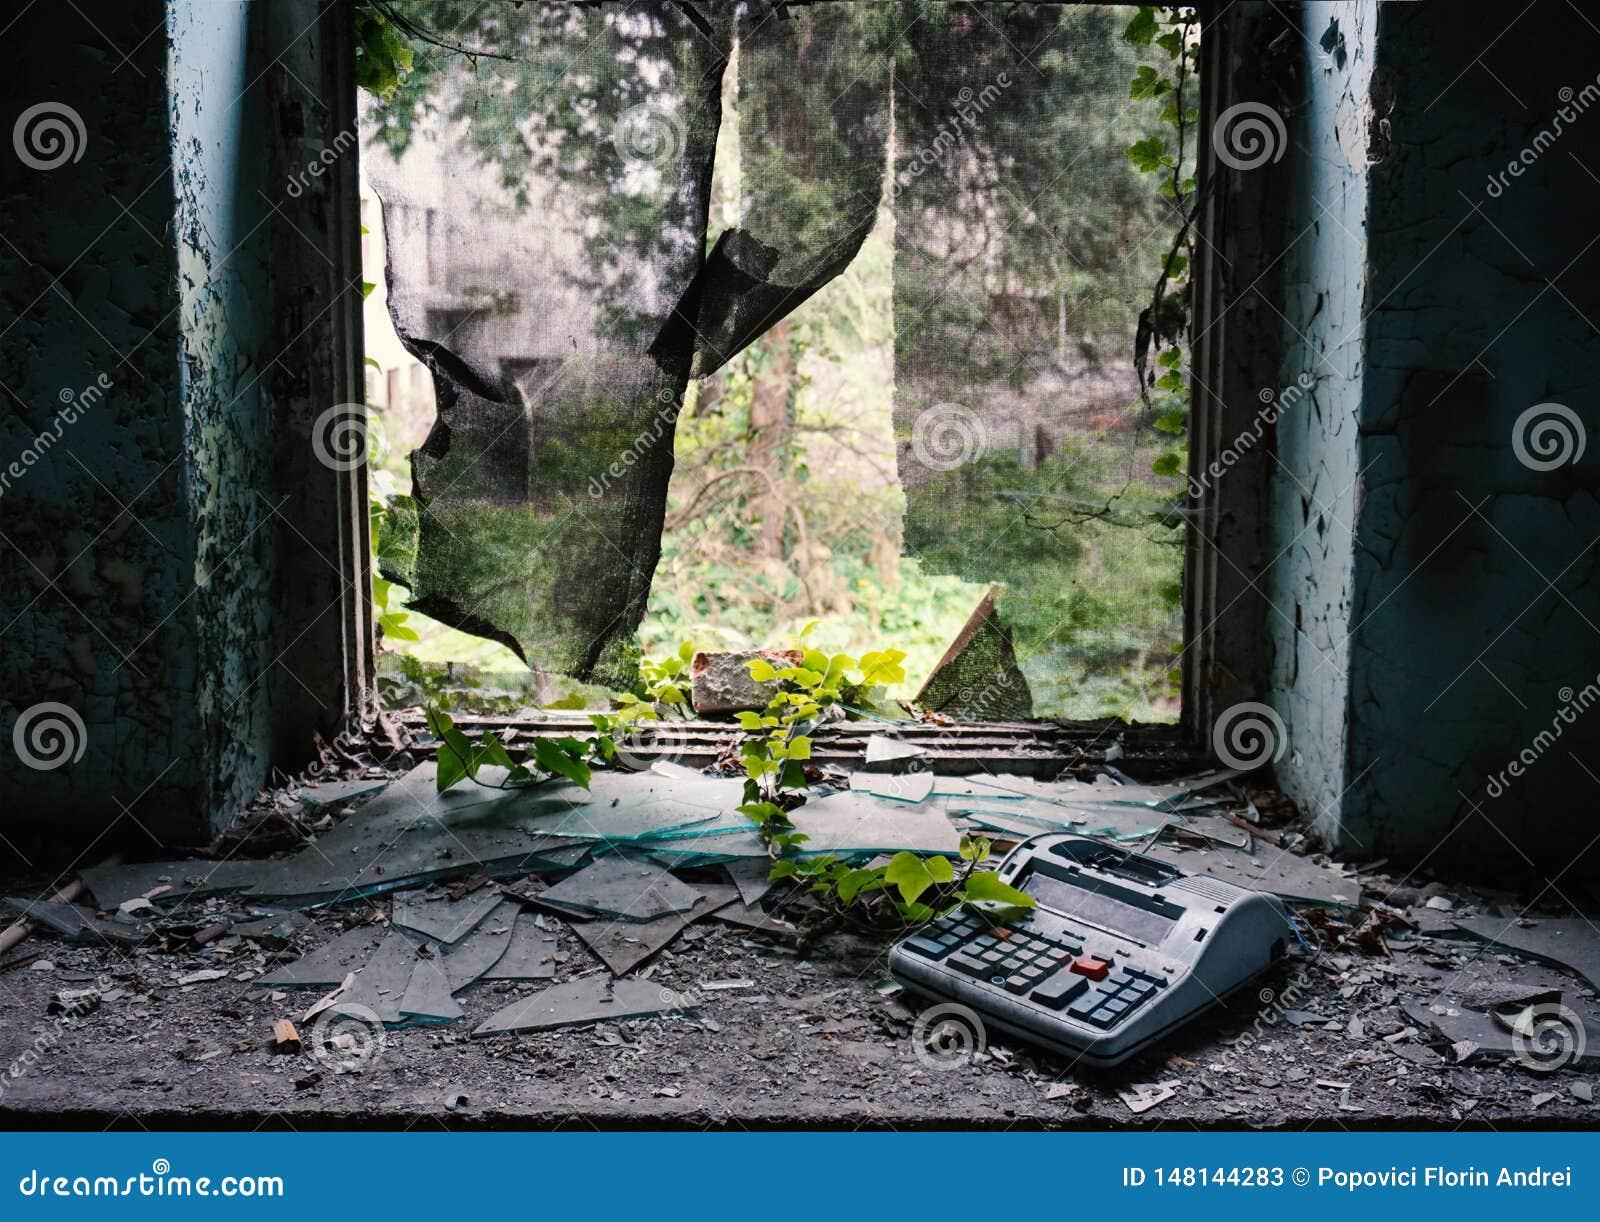 Fenster zerstört in verlassenem Gebäude mit Efeu und einer defekten Registrierkasse